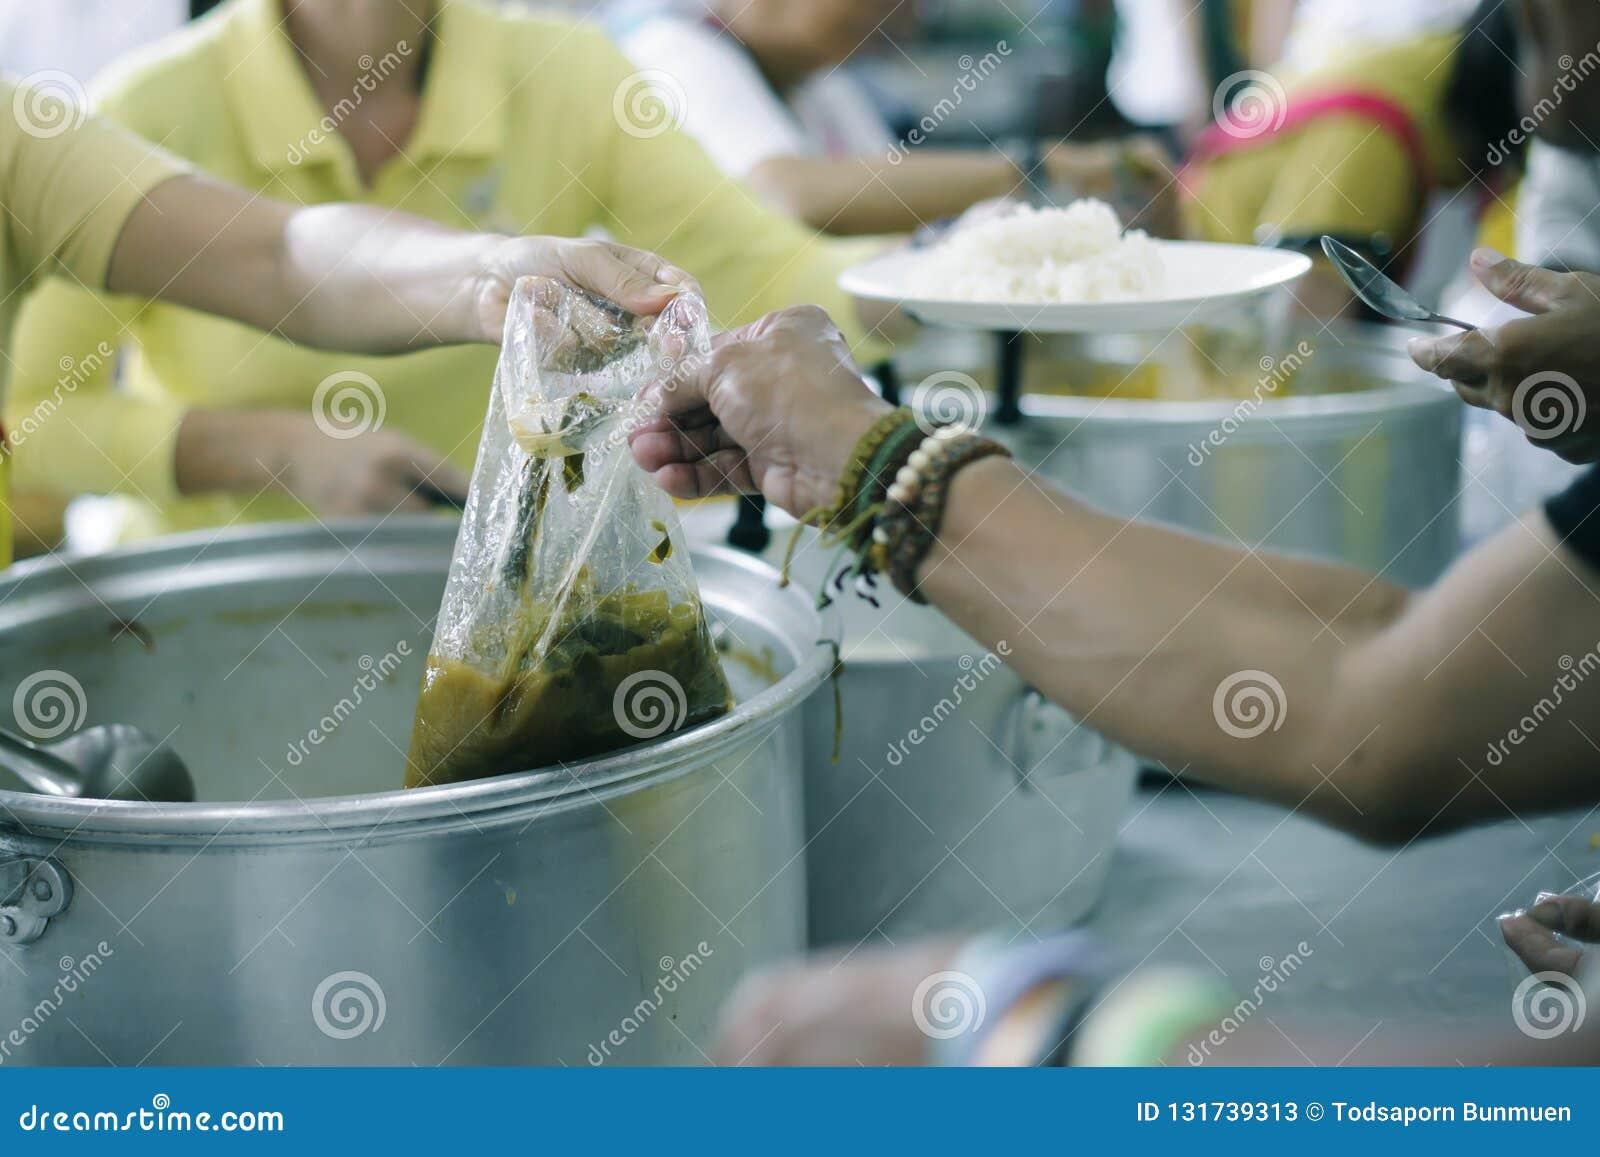 可怜的人民从捐款人接受捐赠的食物,展示相互分享在今天社会:帮助贫穷的概念